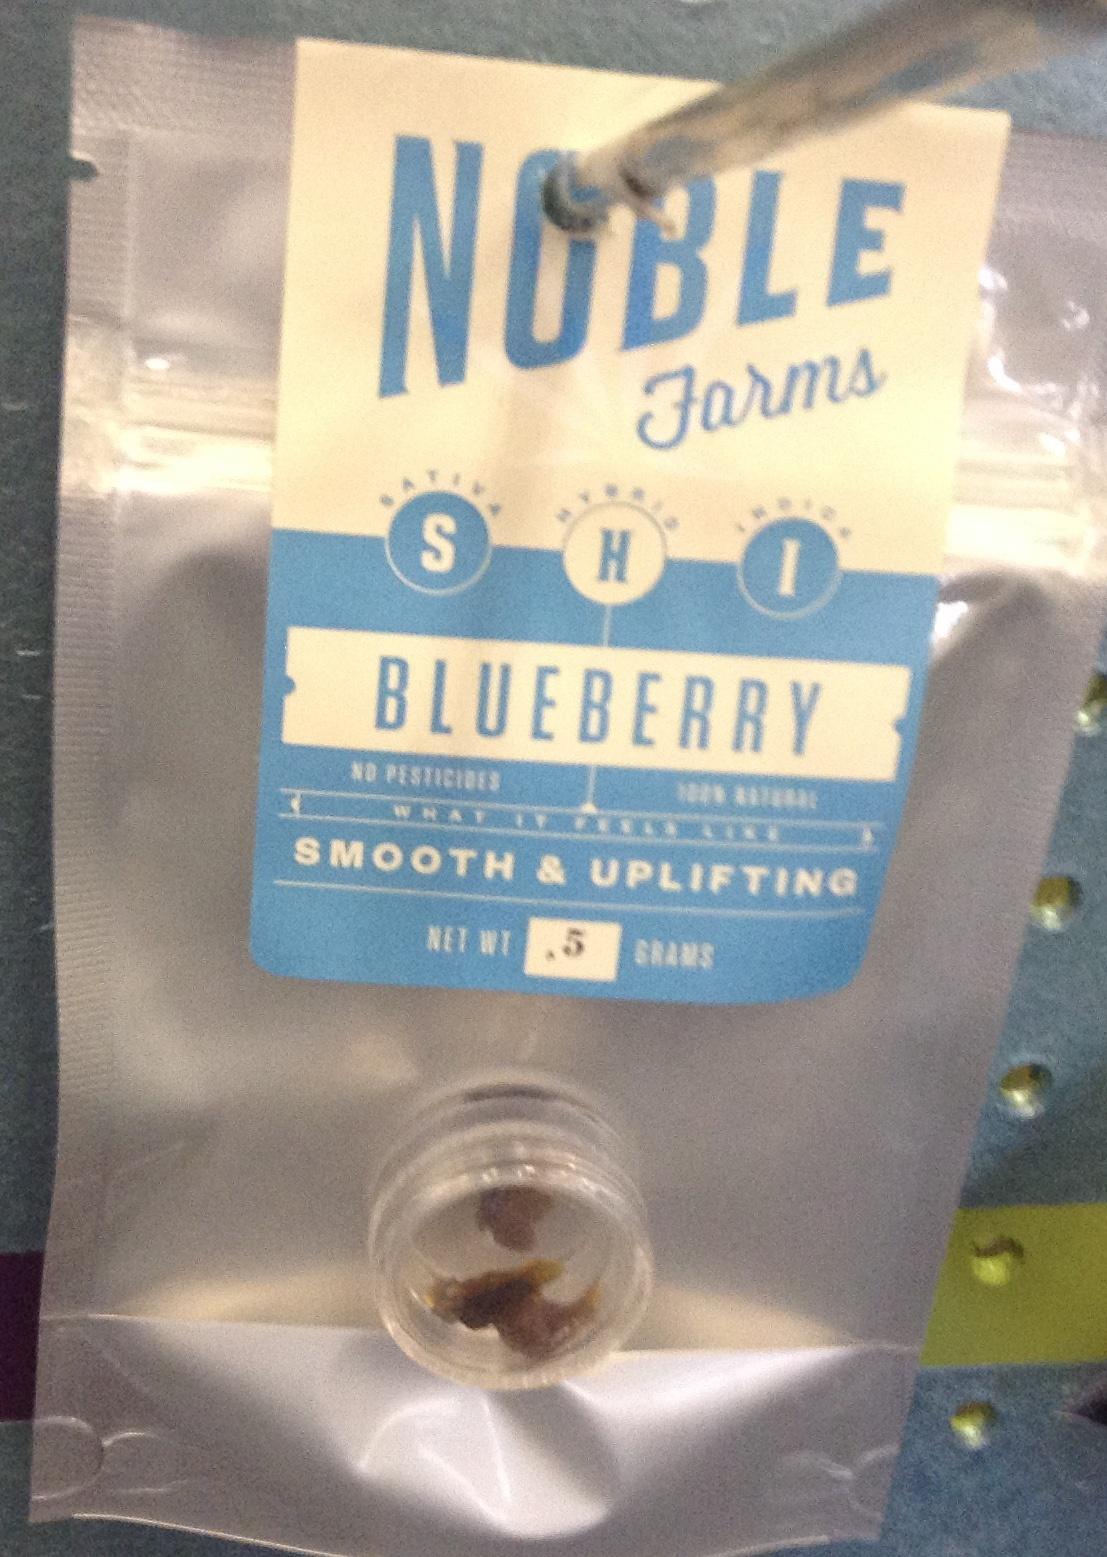 blueberry Product image